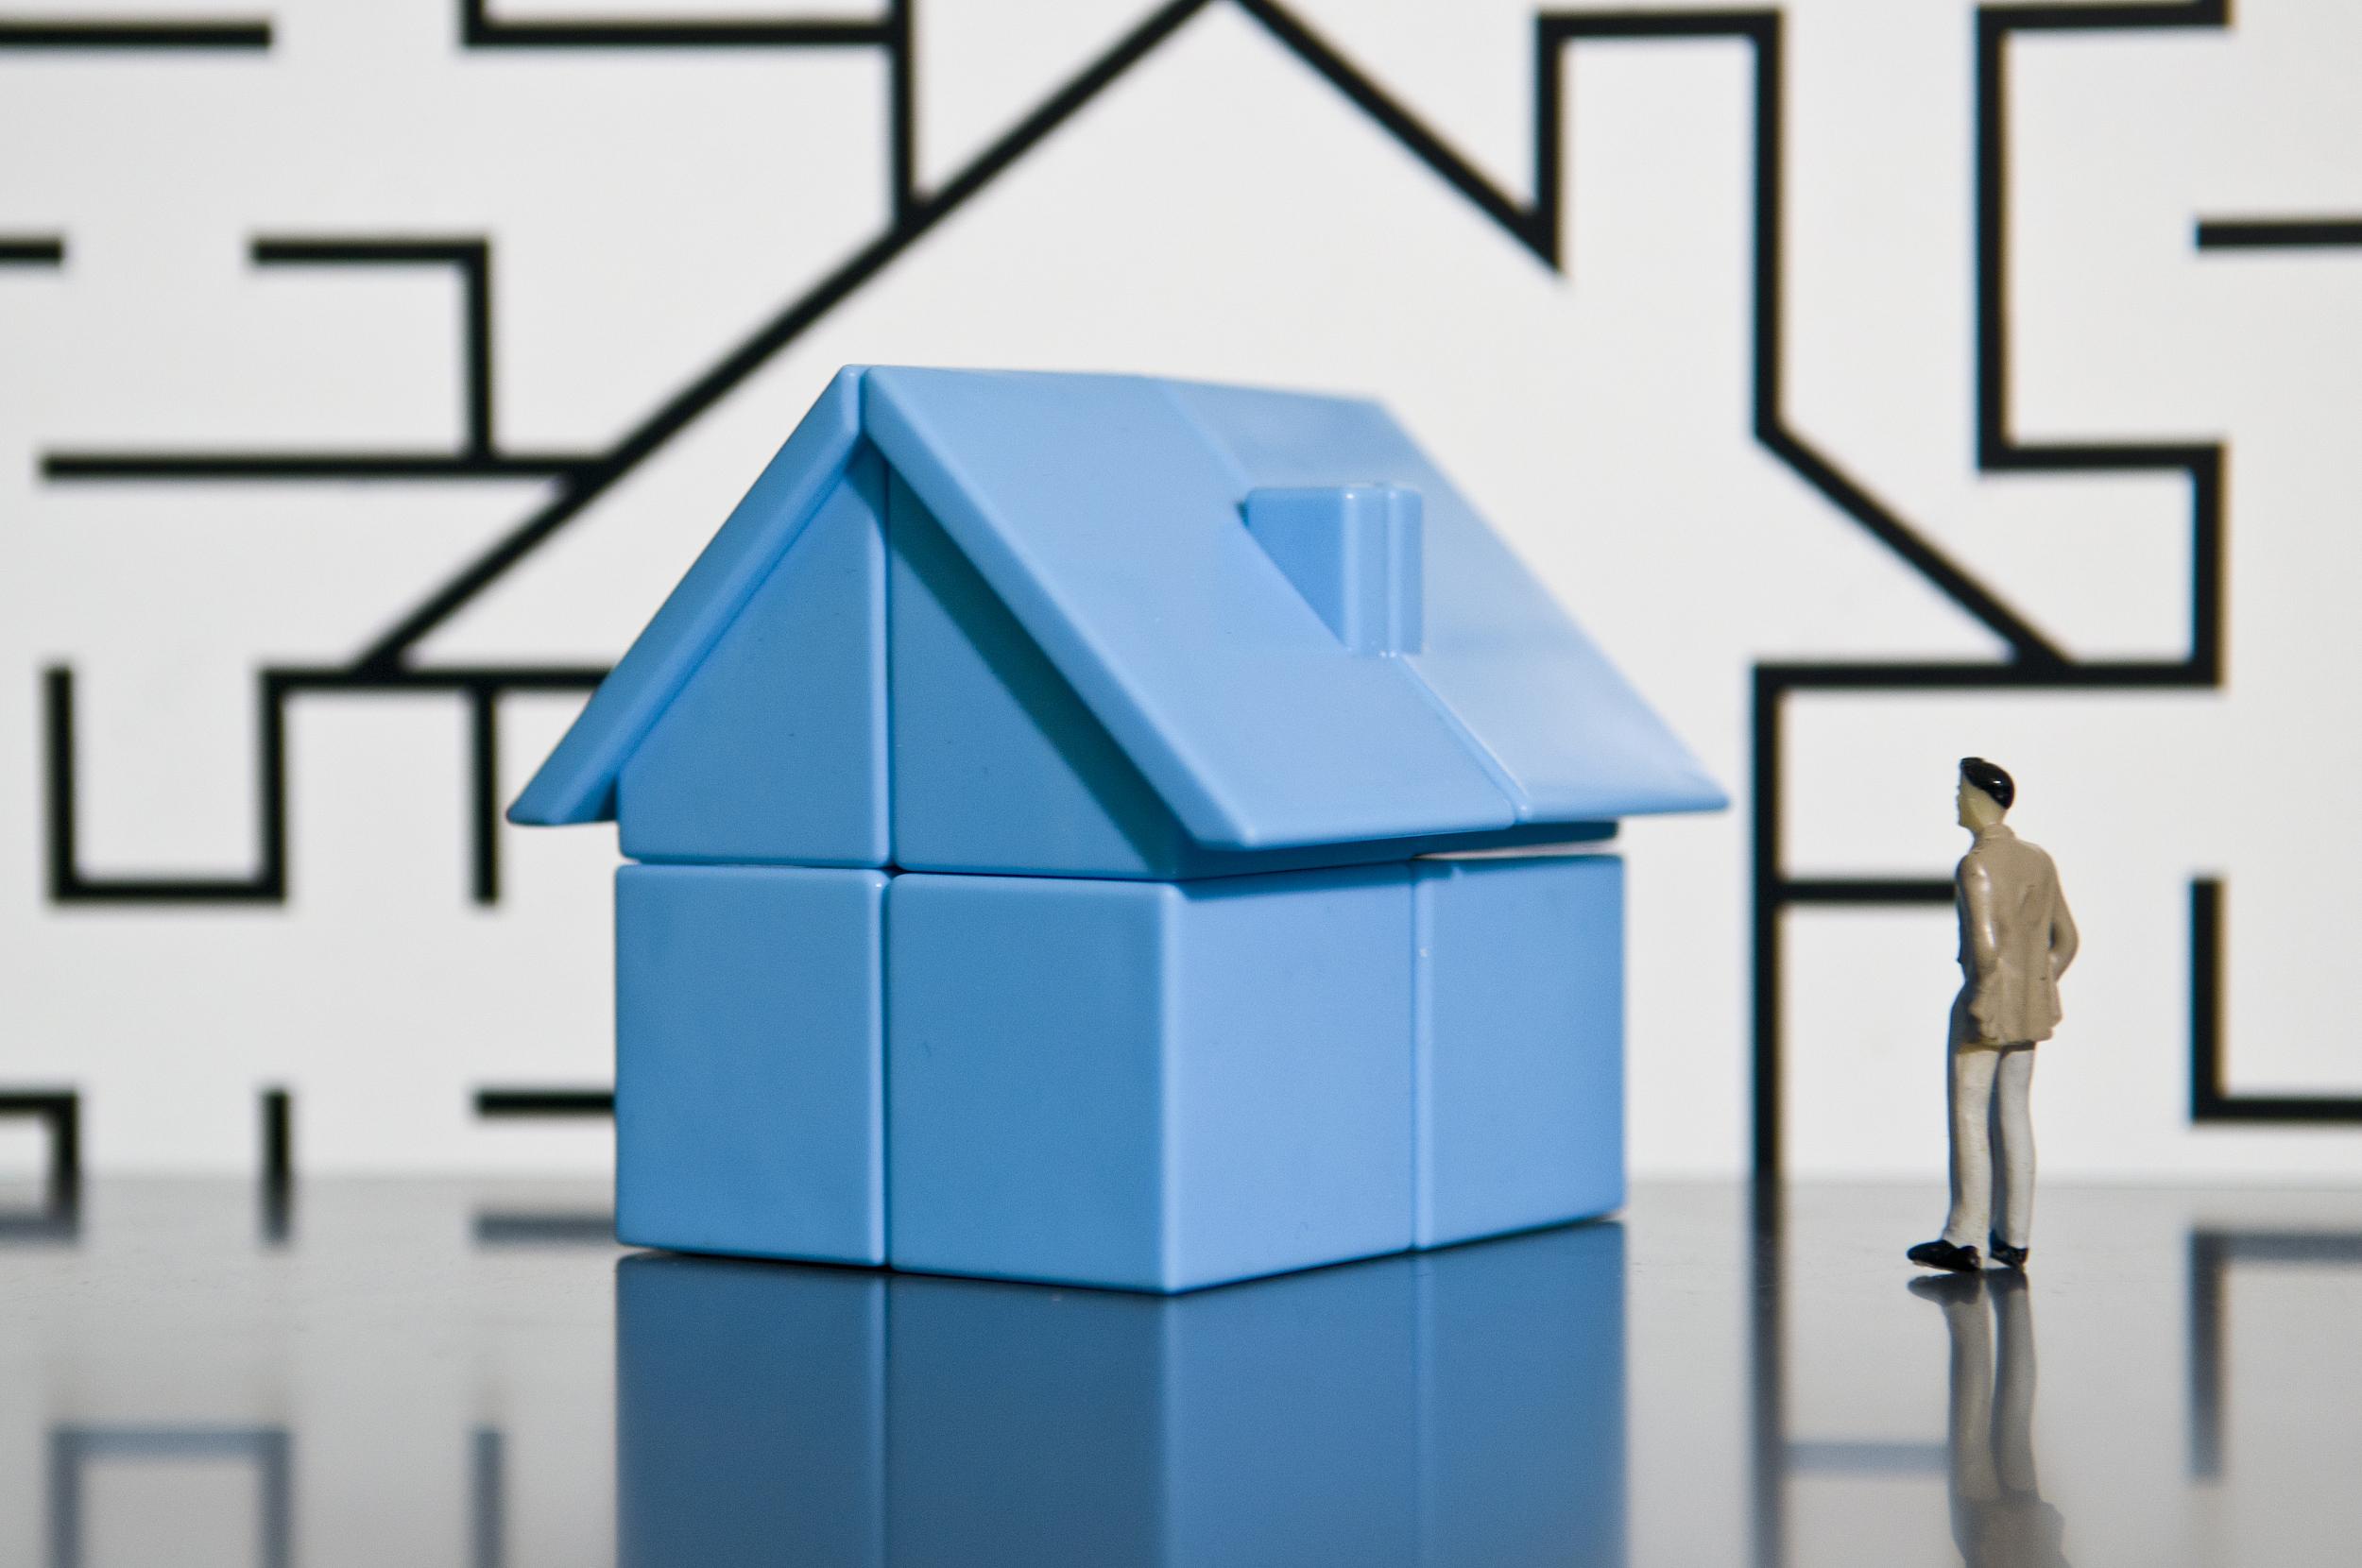 坚决遏制炒房炒地行为 防止房产过度金融化